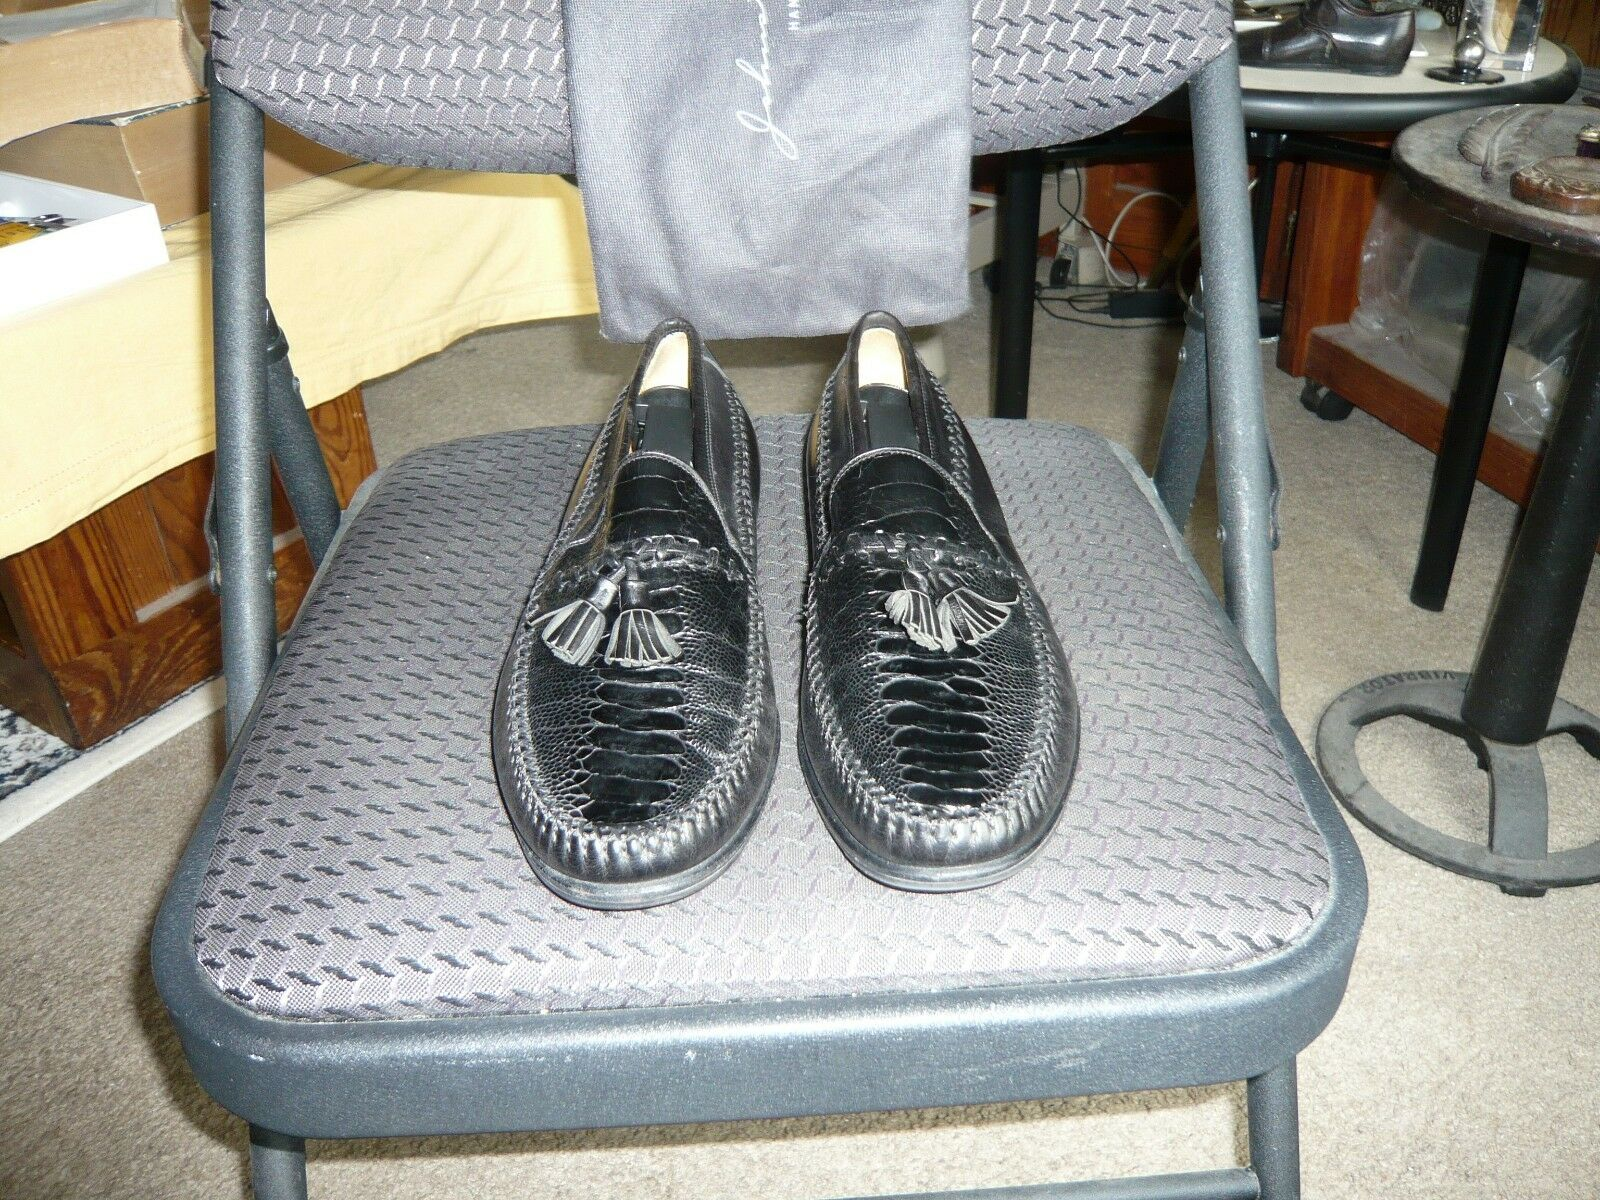 Johnston Murphy negro piel de becerro cocodrilo & Mocasín De Cuero, Tamaño 7.5, 8.5 de EE. UU.